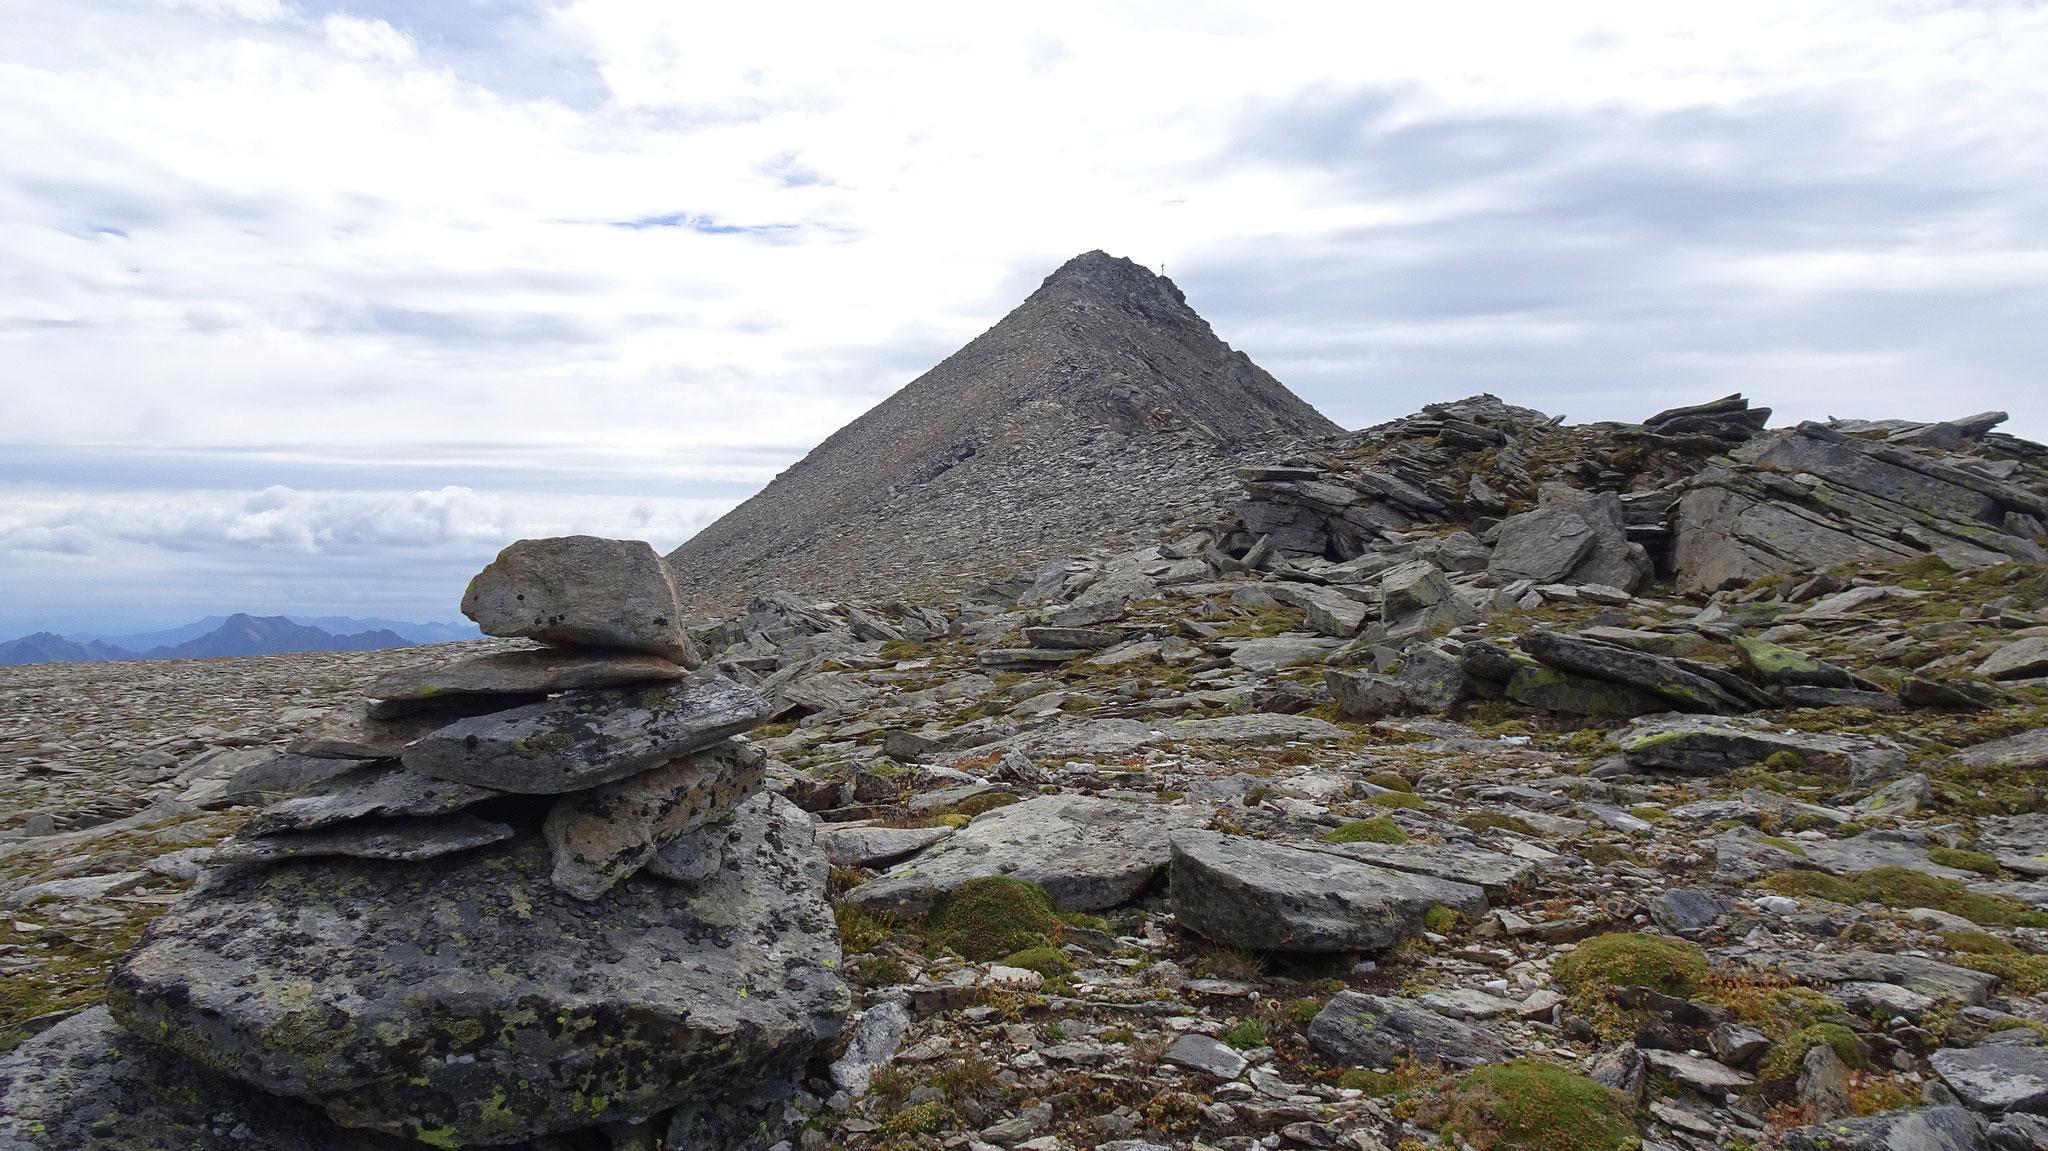 Chesselhorn - 2.Versuch geglückt - wunderbare Gegend am Simplonpass